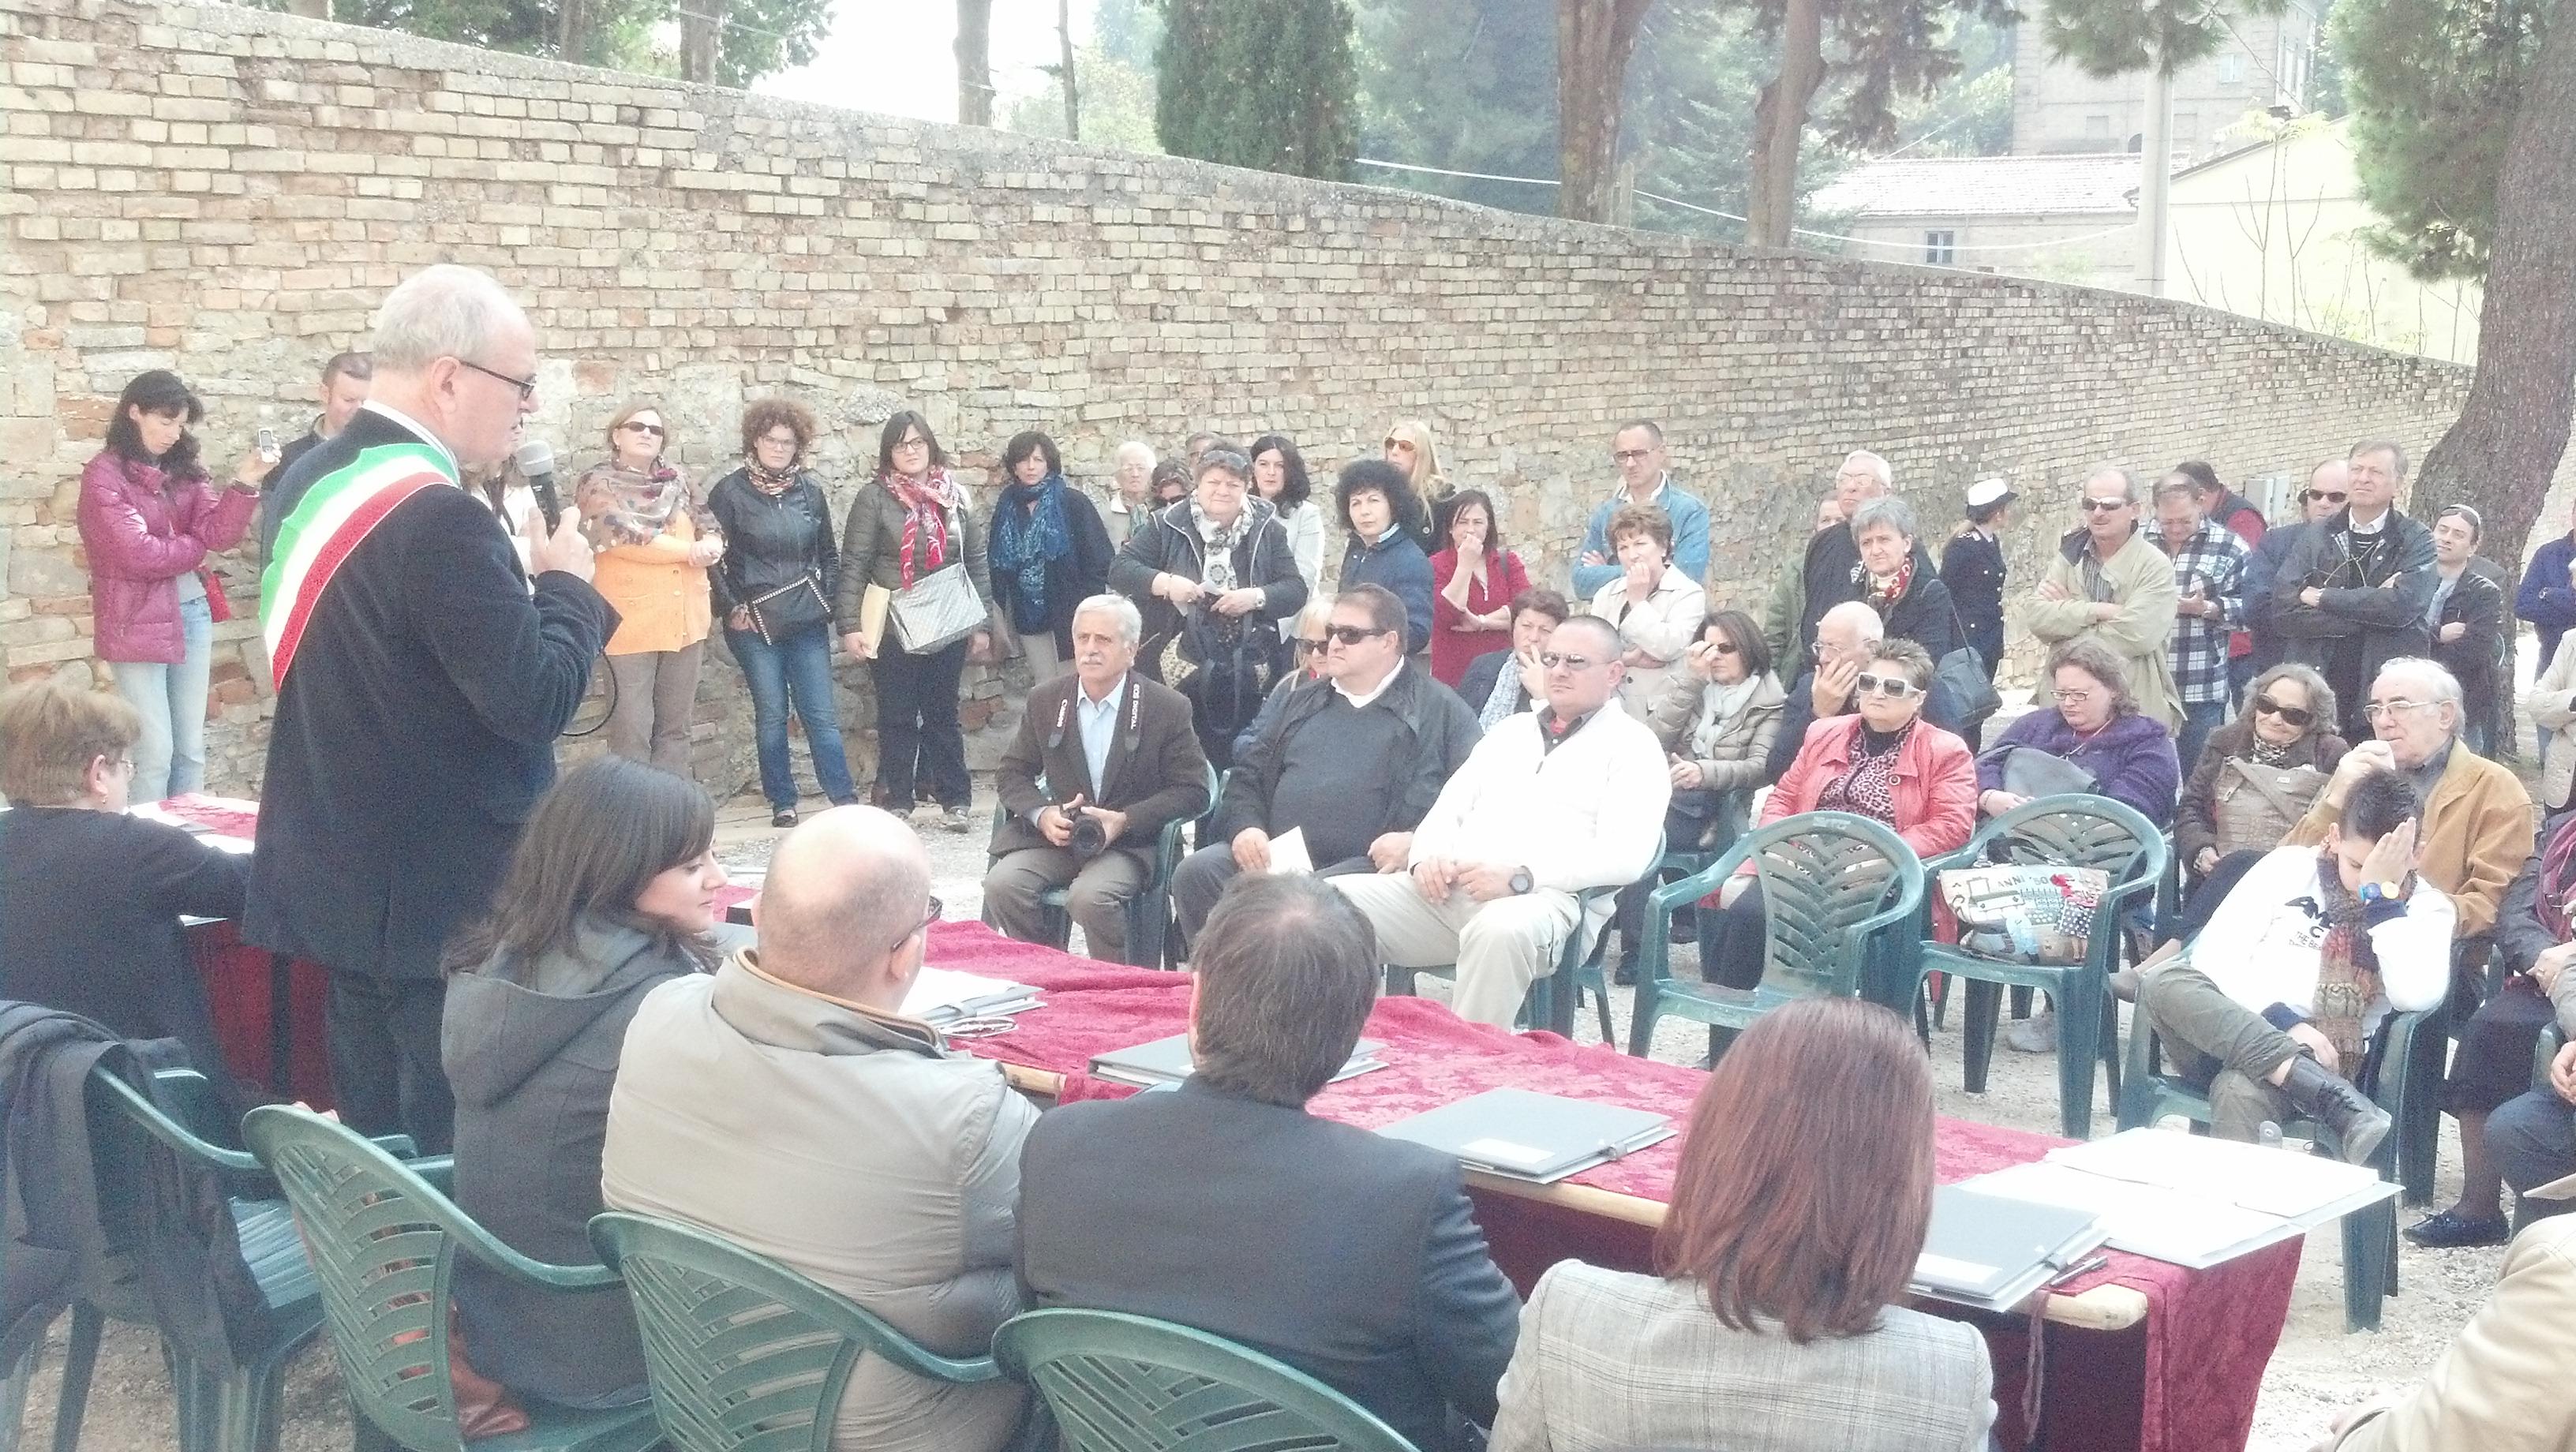 Consiglio comunale all'aperto a Ripatransone, di fronte il Monastero delle Suore Passioniste